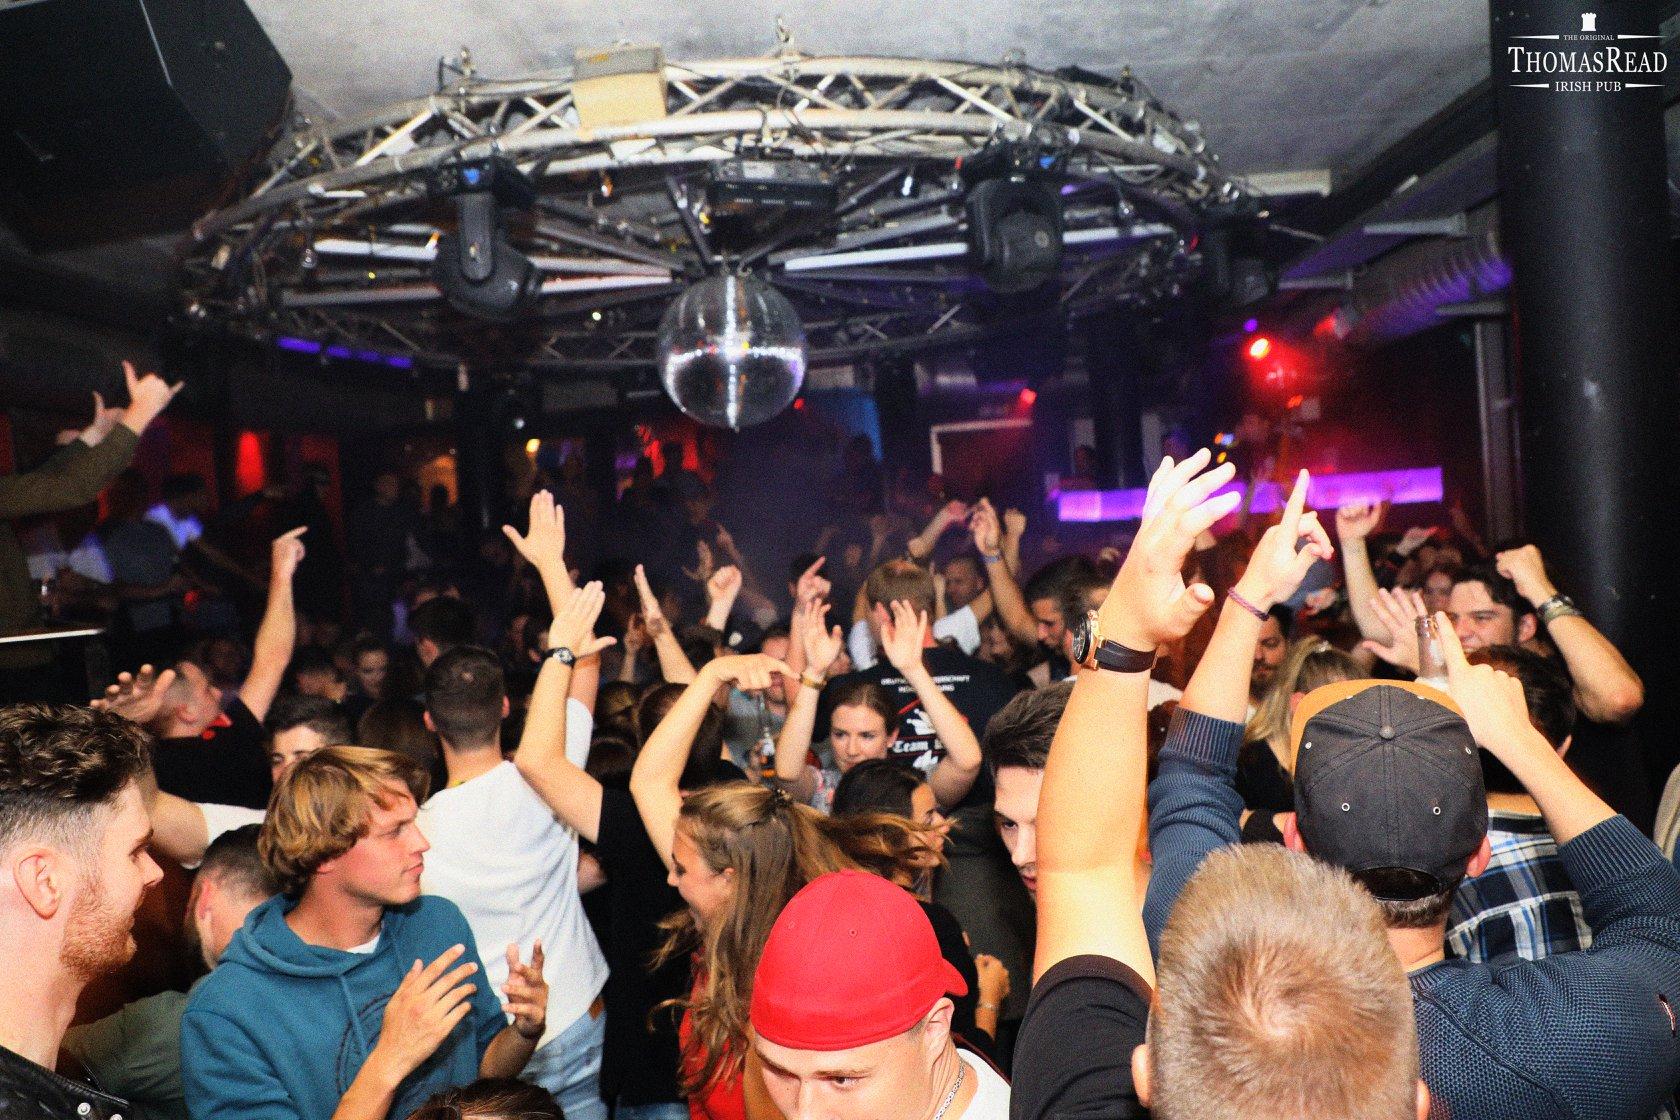 Thomas Read 3 - OXMOX verlost Tickets: Die besten Silvester-Partys